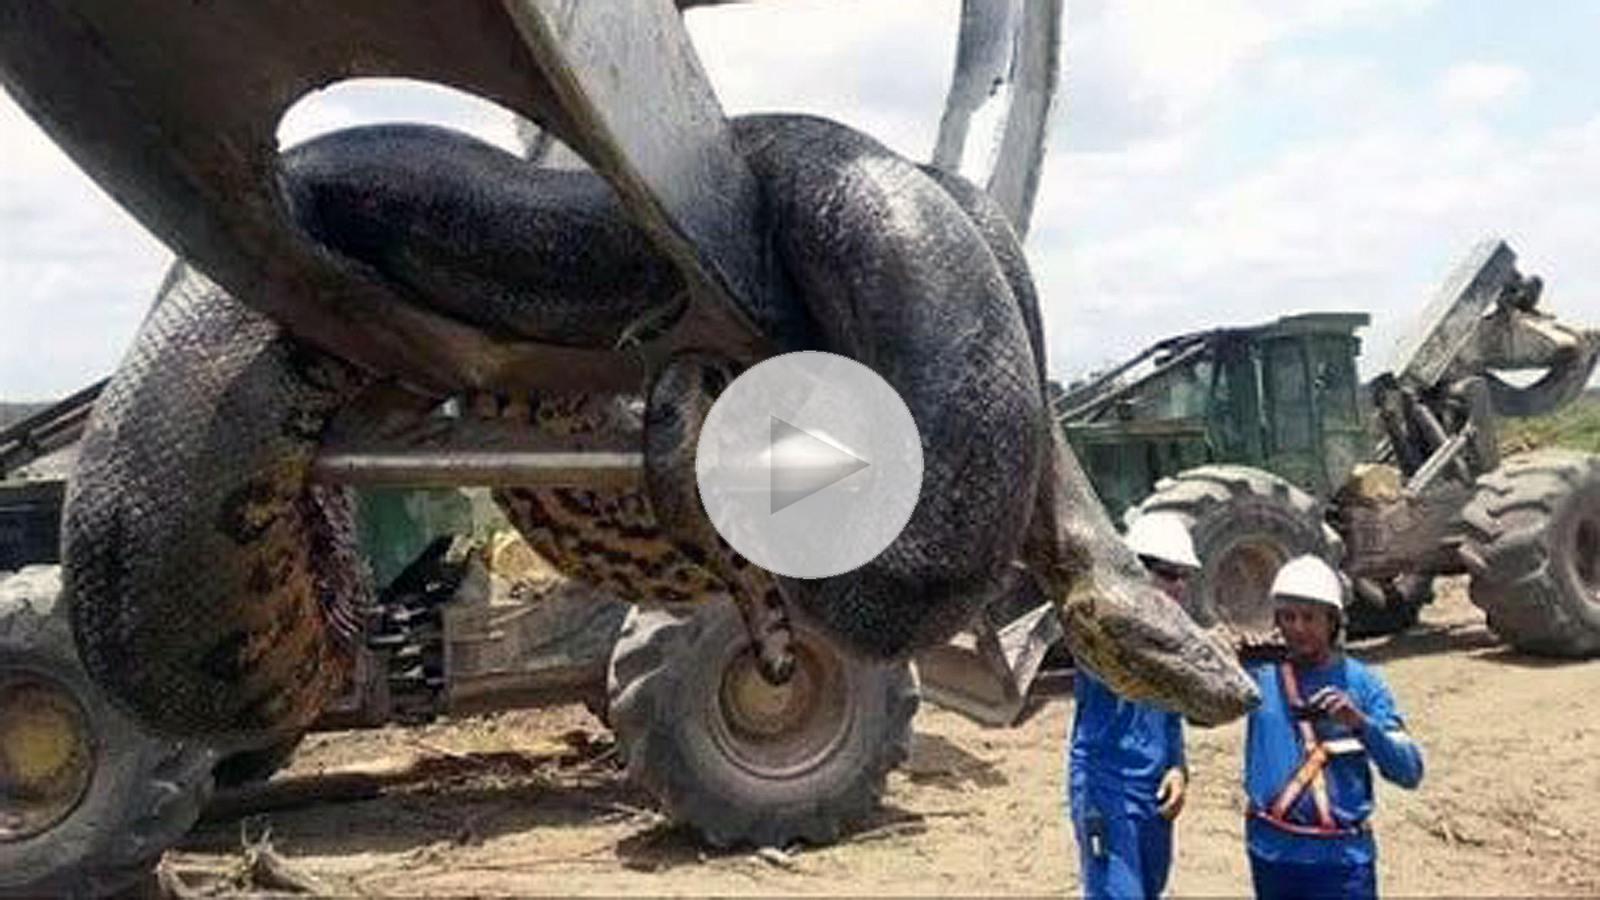 Größte Schlange der Welt bei Sprengungen im Urwald